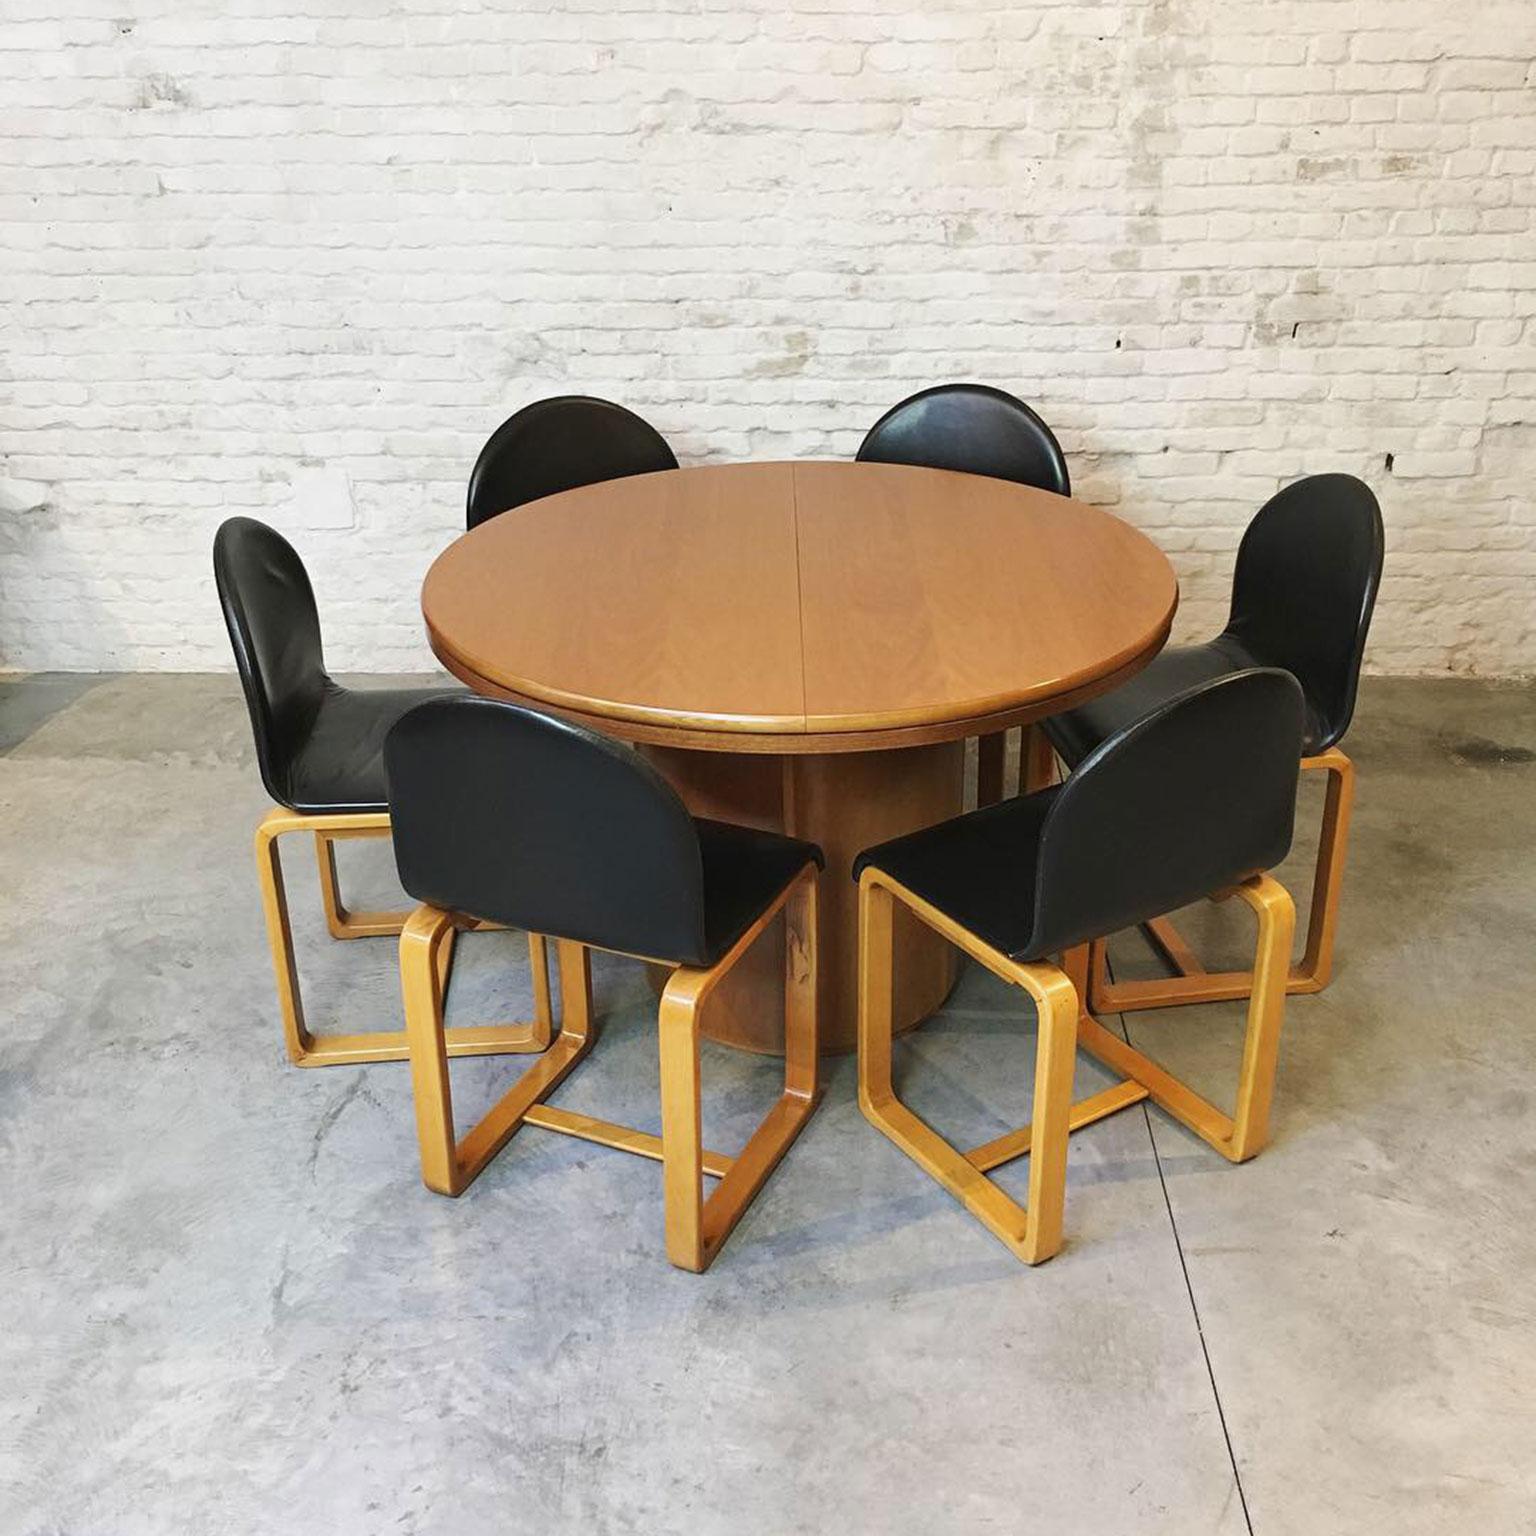 Die Firma vintage shop Antwerp Eetkamerset met 6 stoelen van Skovby